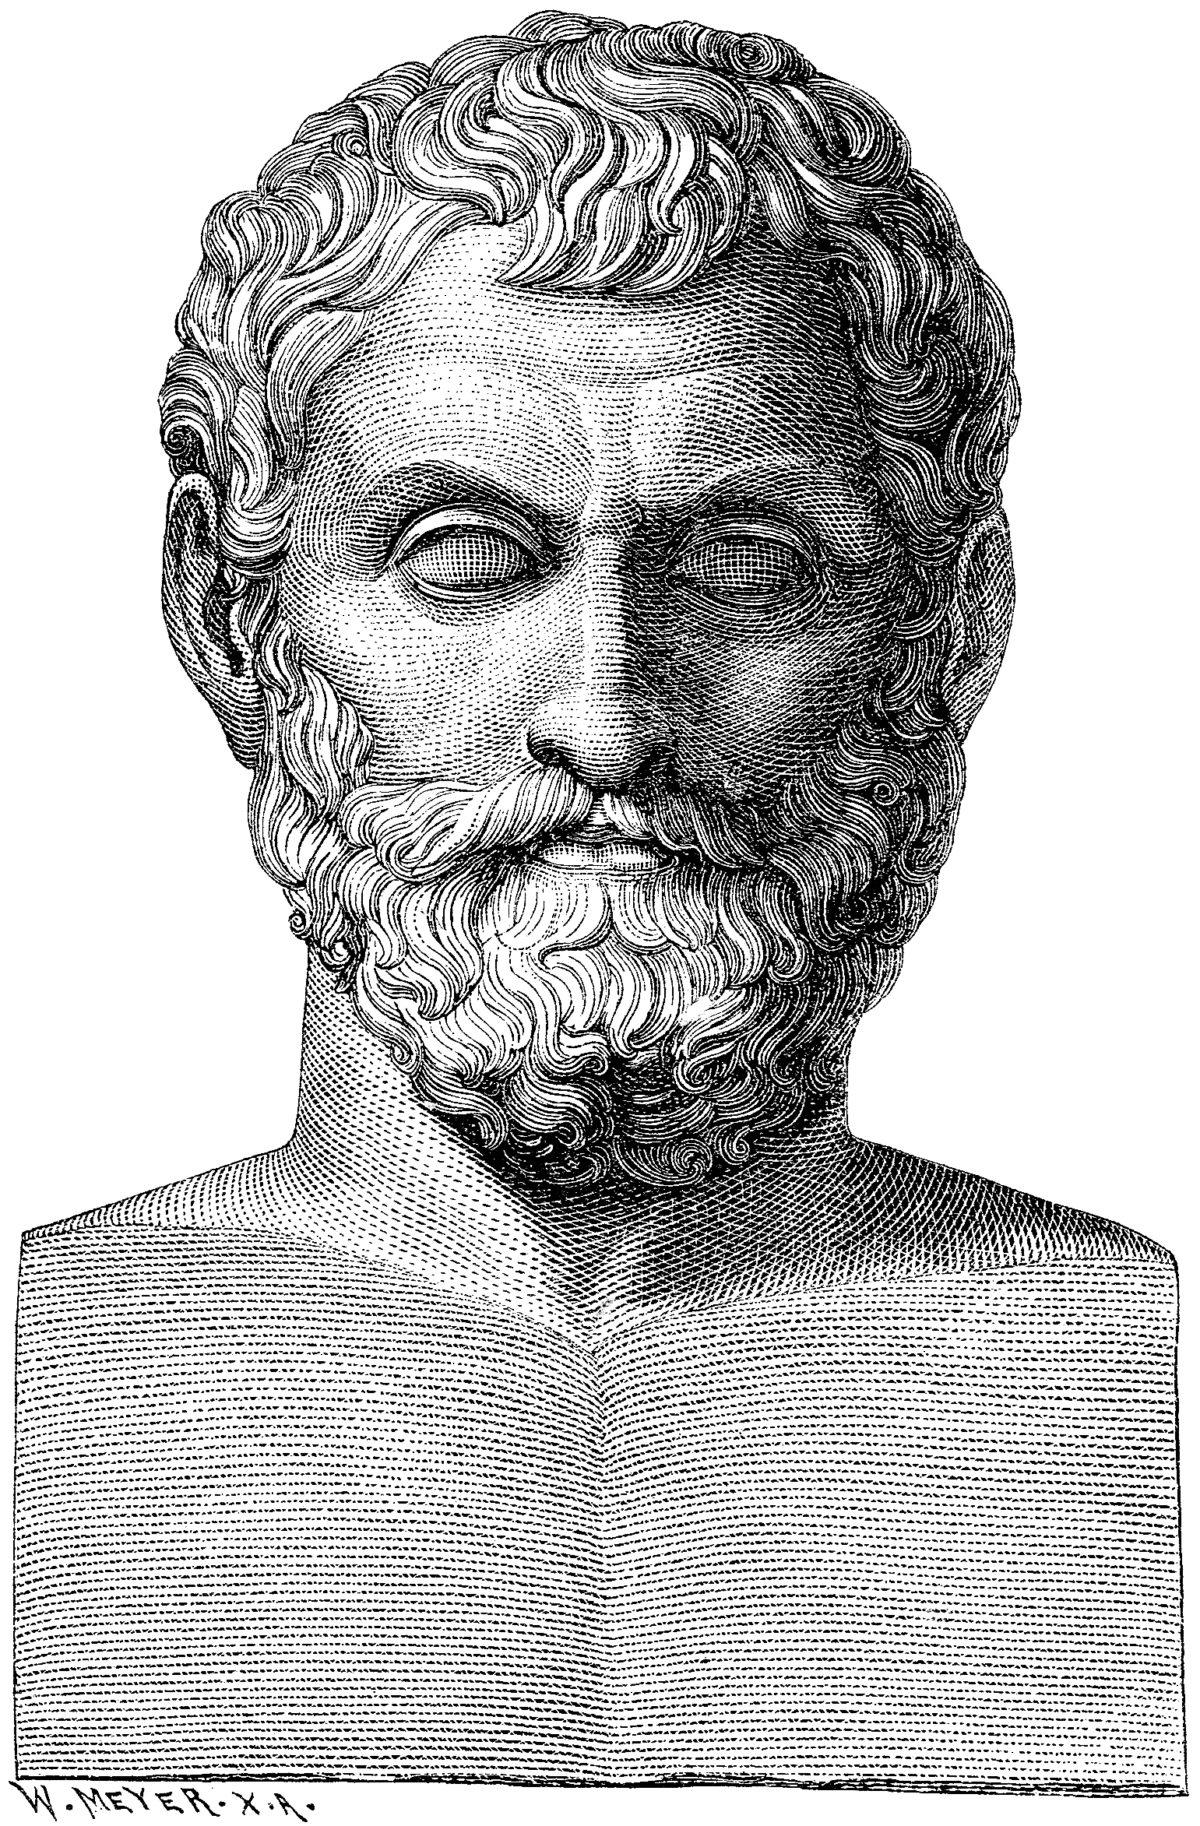 طاليس الملطي - مؤسس الفلسفة اليونانية